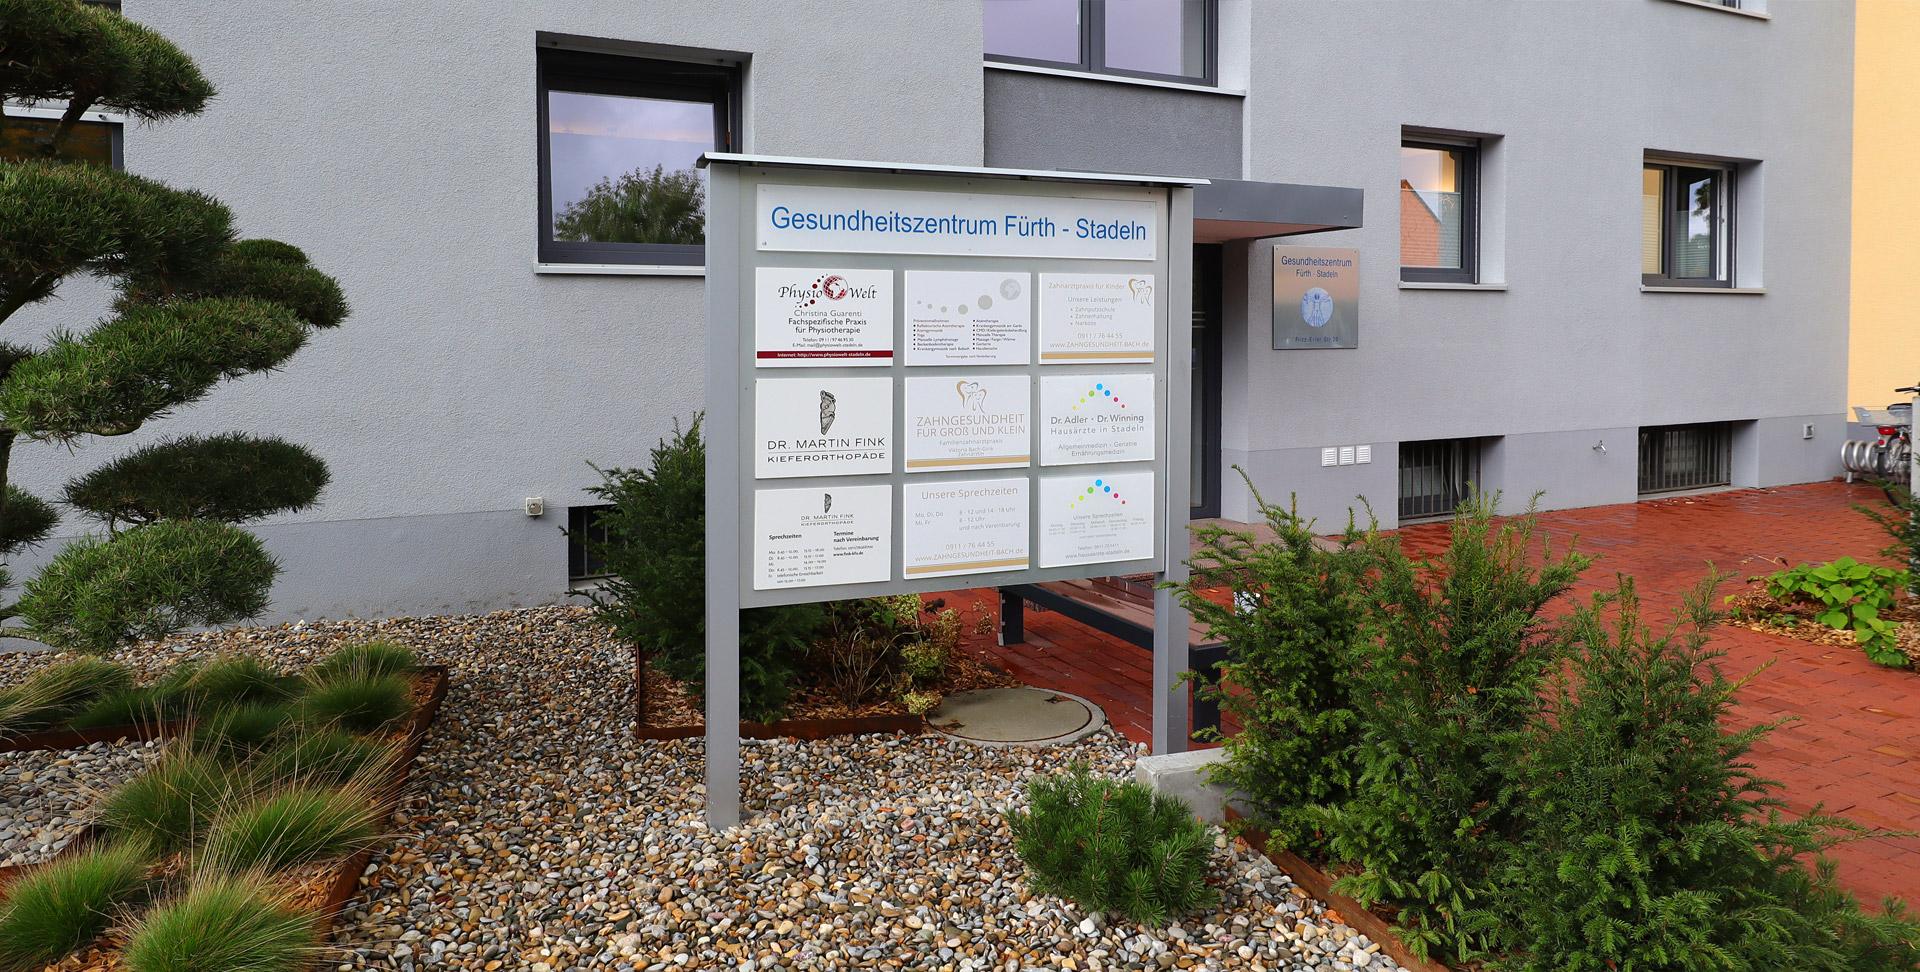 Ärztehaus / Gesundheitszentrum Fürth-Stadeln